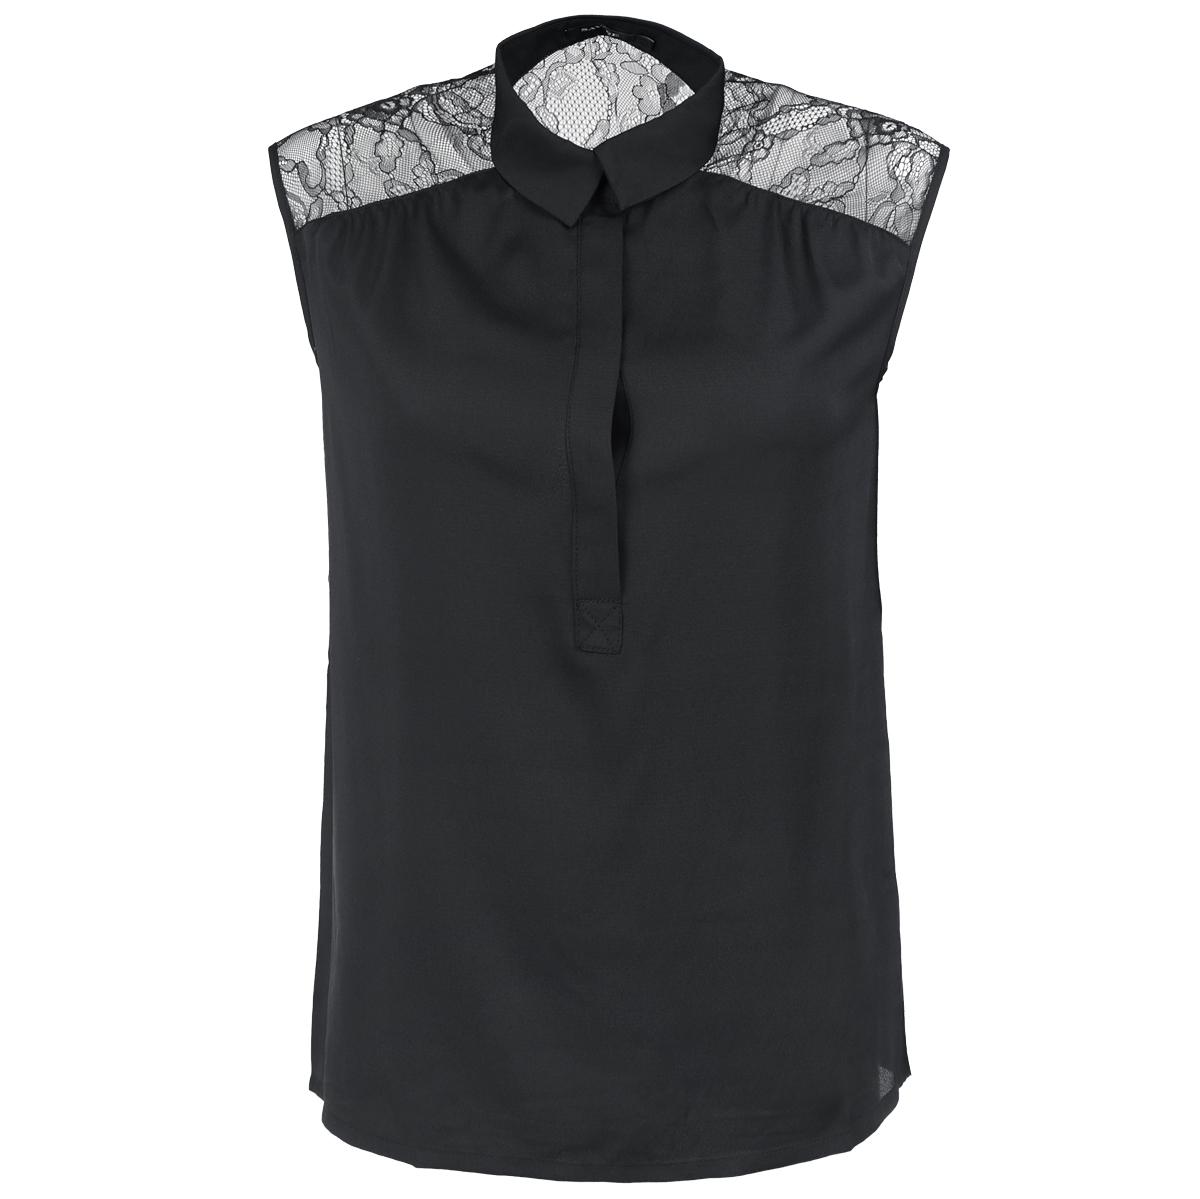 Блузка. 515307515307Элегантная блузка Savage выполнена из струящегося материала, приятного на ощупь. Модель свободного кроя с отложным воротничком и без рукавов. На груди изделие застегивается на пуговицы, скрытые планкой. Плечи и верхняя часть спинки оформлены кружевными вставками. Модная блузка займет достойное место в вашем гардеробе.